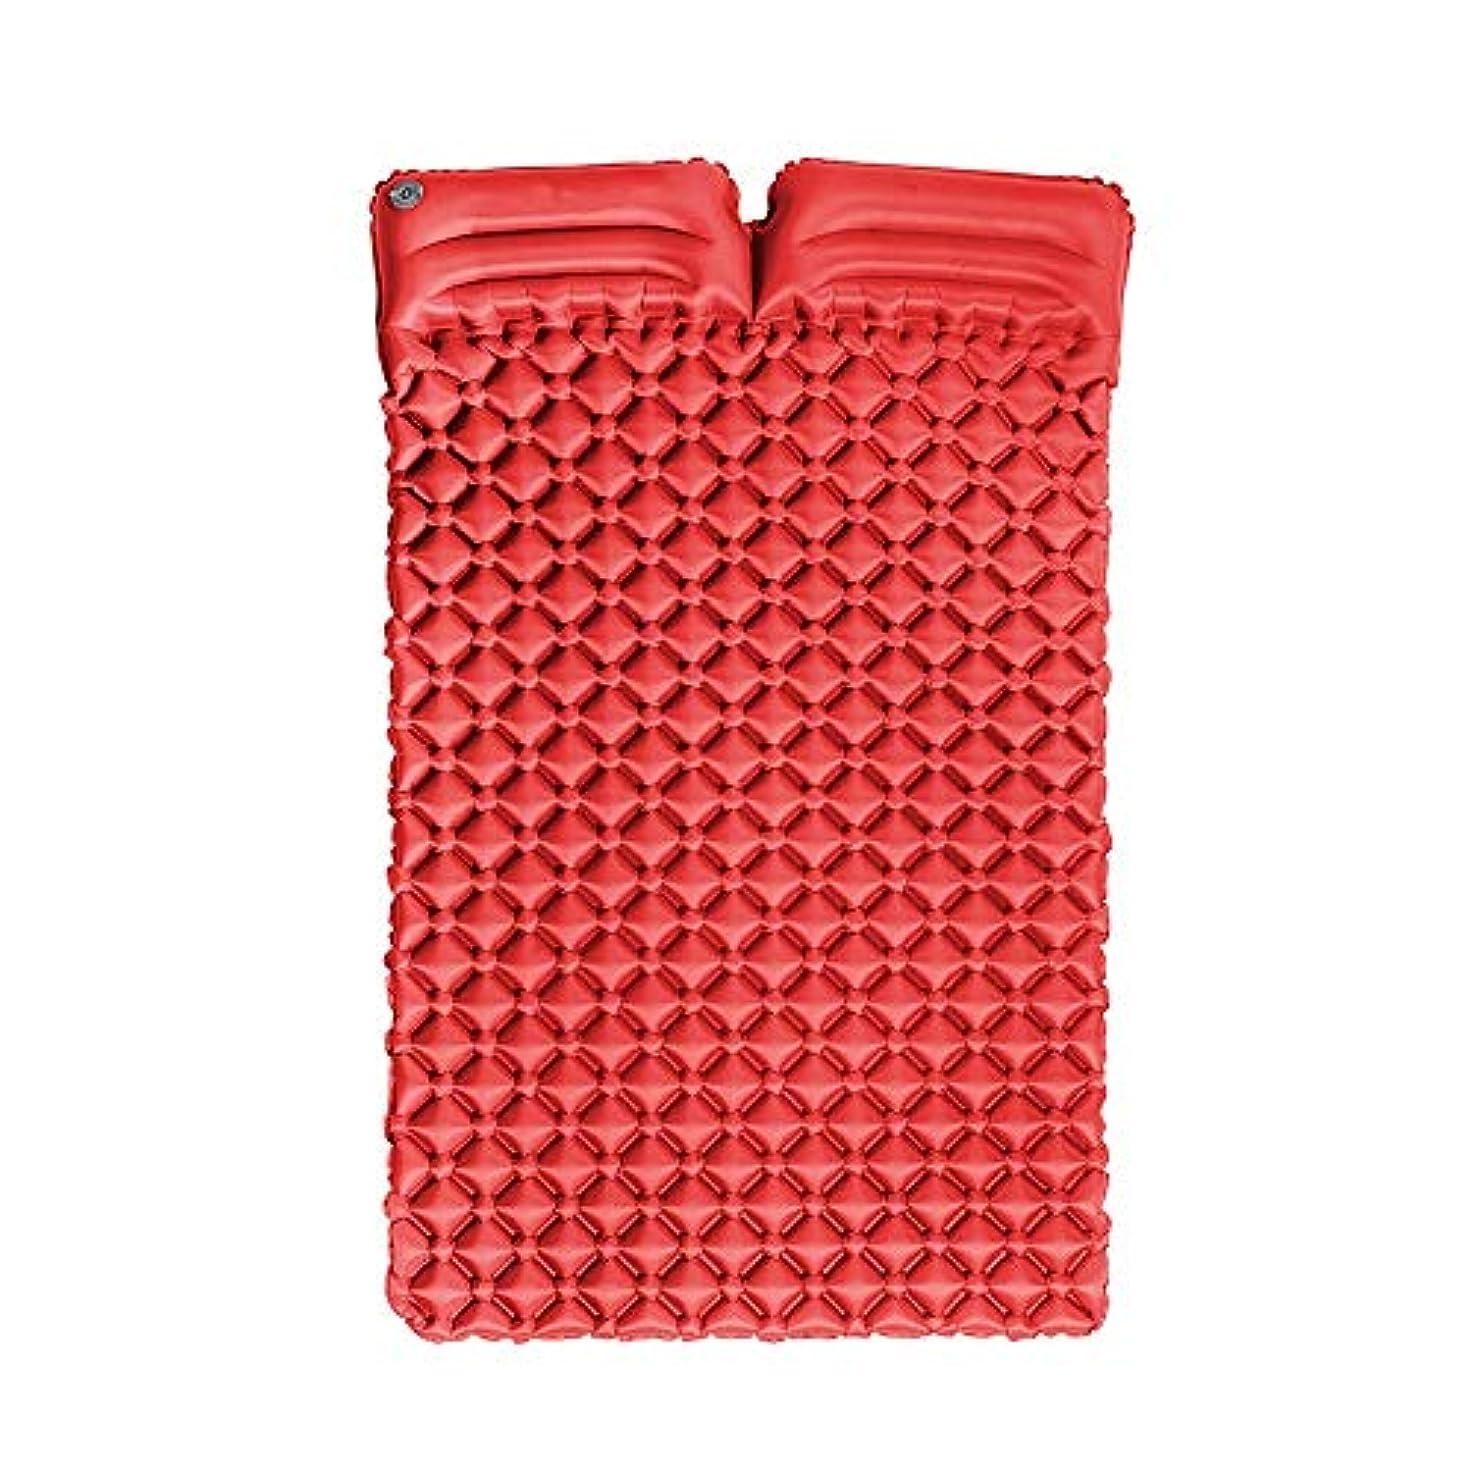 ナンセンスのため理論的インフレータブル超軽量ポータブルダブルエッグネストインフレータブルクッションマットレス屋外テントダブルスリーピングパッド付き枕キャンプマットマット、185×115×5センチ (Color : A)